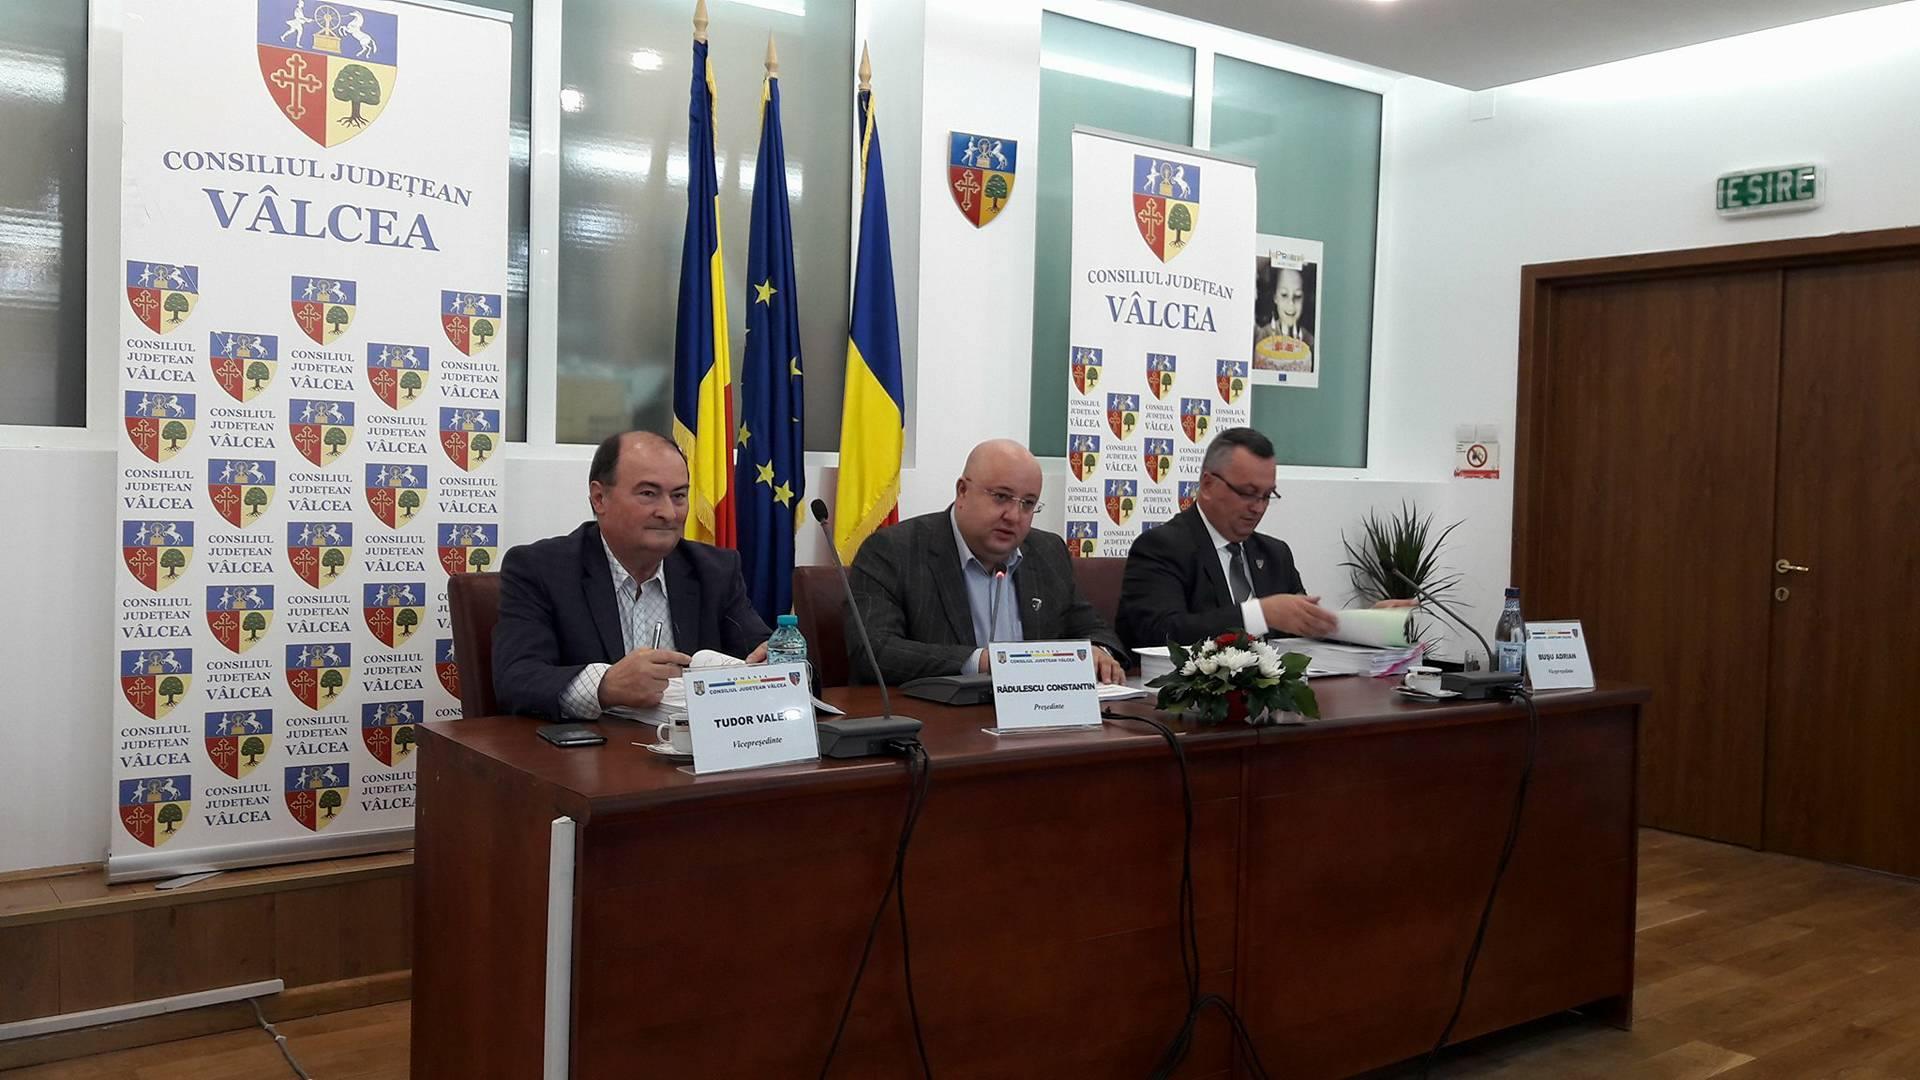 """Constantin Rădulescu: """"Sunt convins că, după data de 29 august, se va vorbi despre Vâlcea în multe colţuri ale lumii"""""""